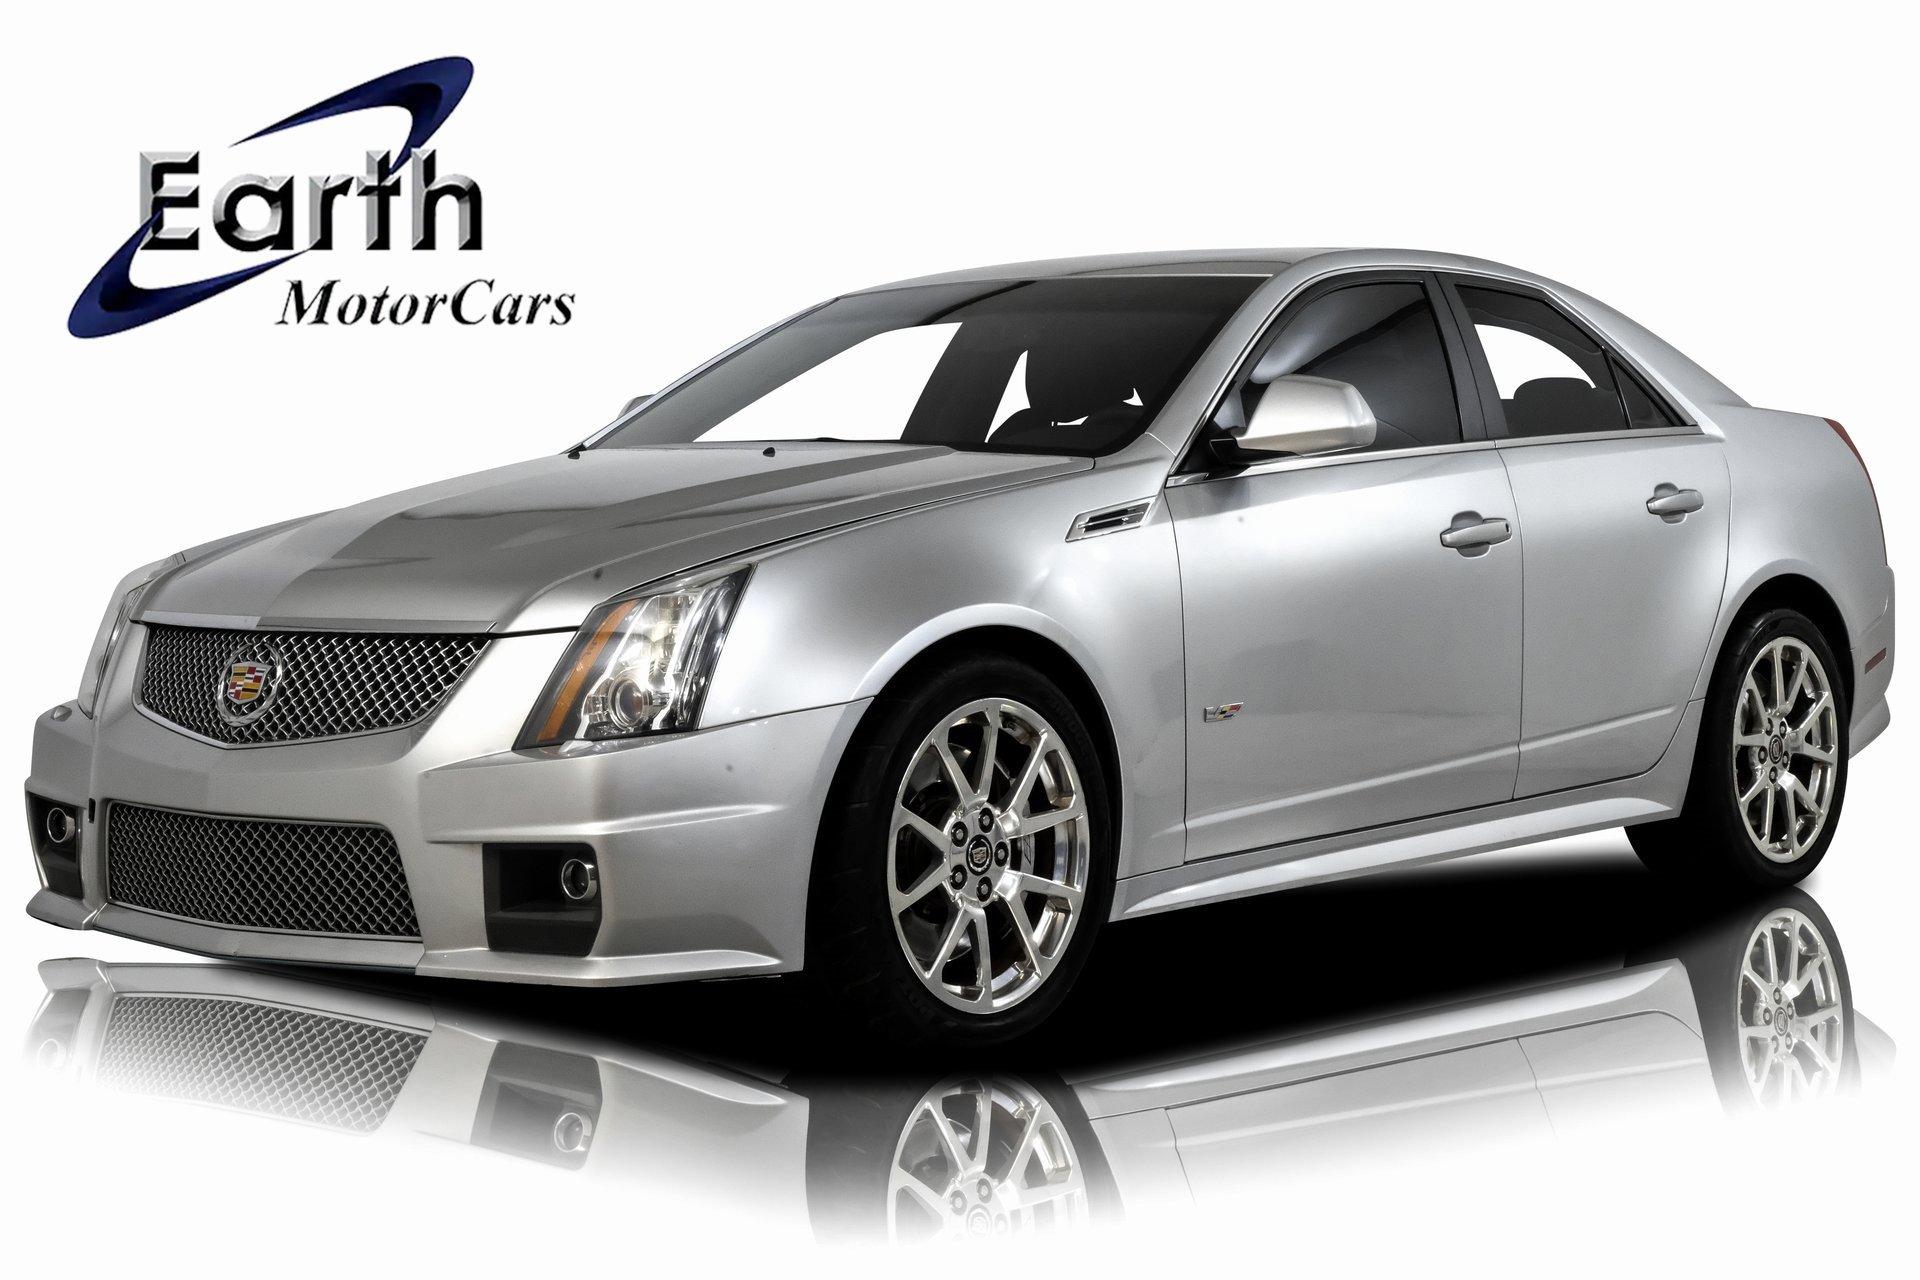 2010 Cadillac CTS V Sedan image